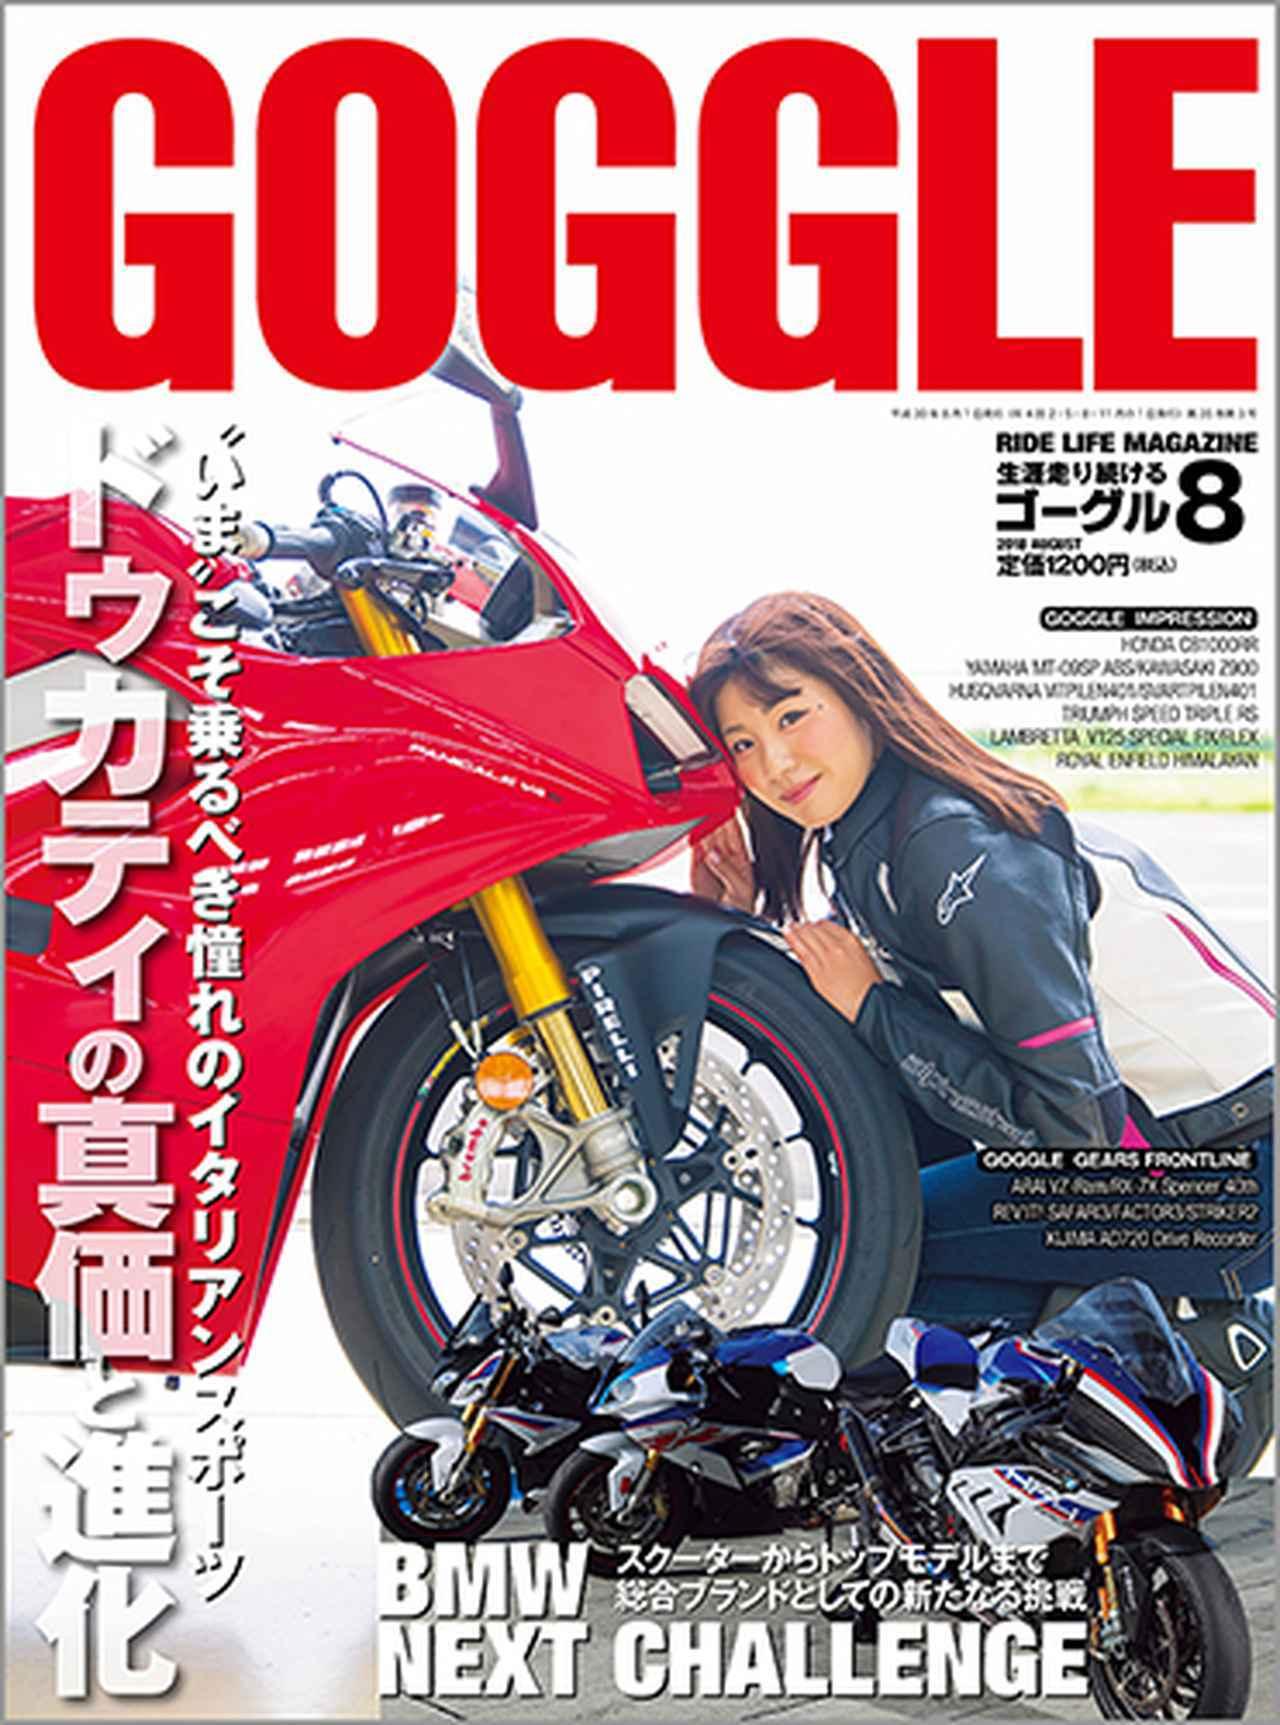 画像: Motor Magazine Ltd. / モーターマガジン社 / GOGGLE 2018年 8月号